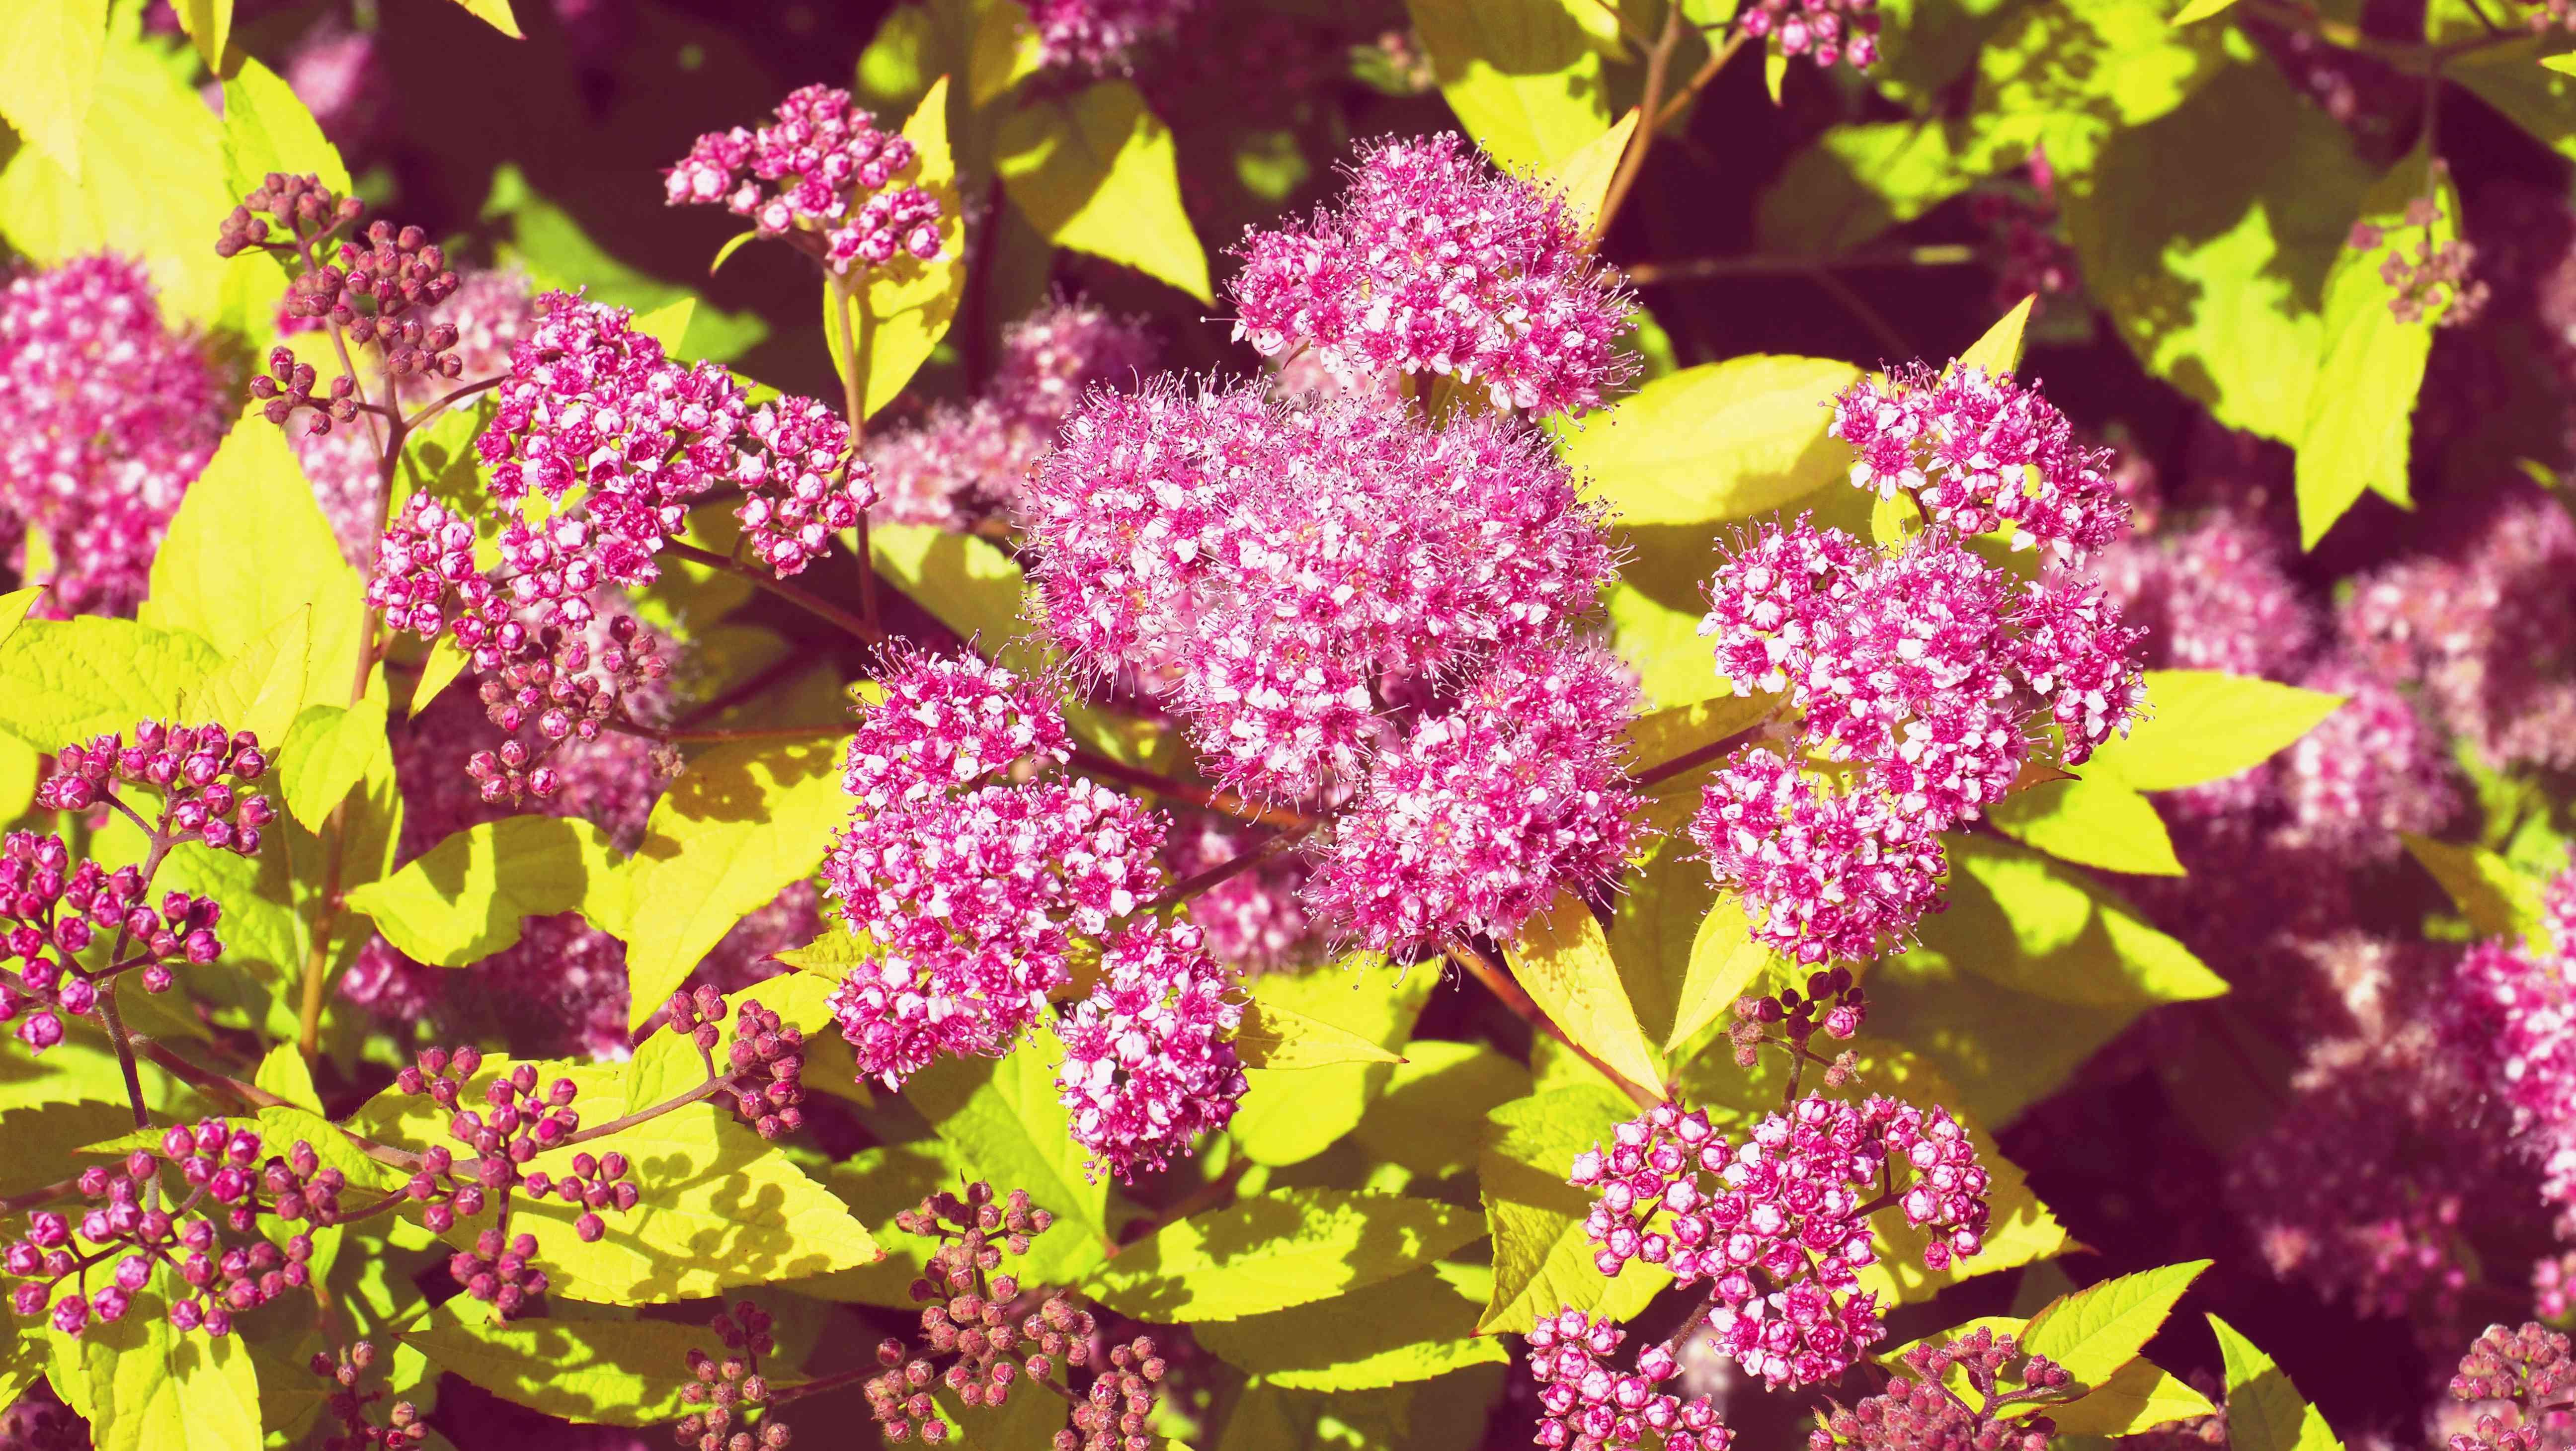 Beautiful pink flowers of summer-flowering spiraea